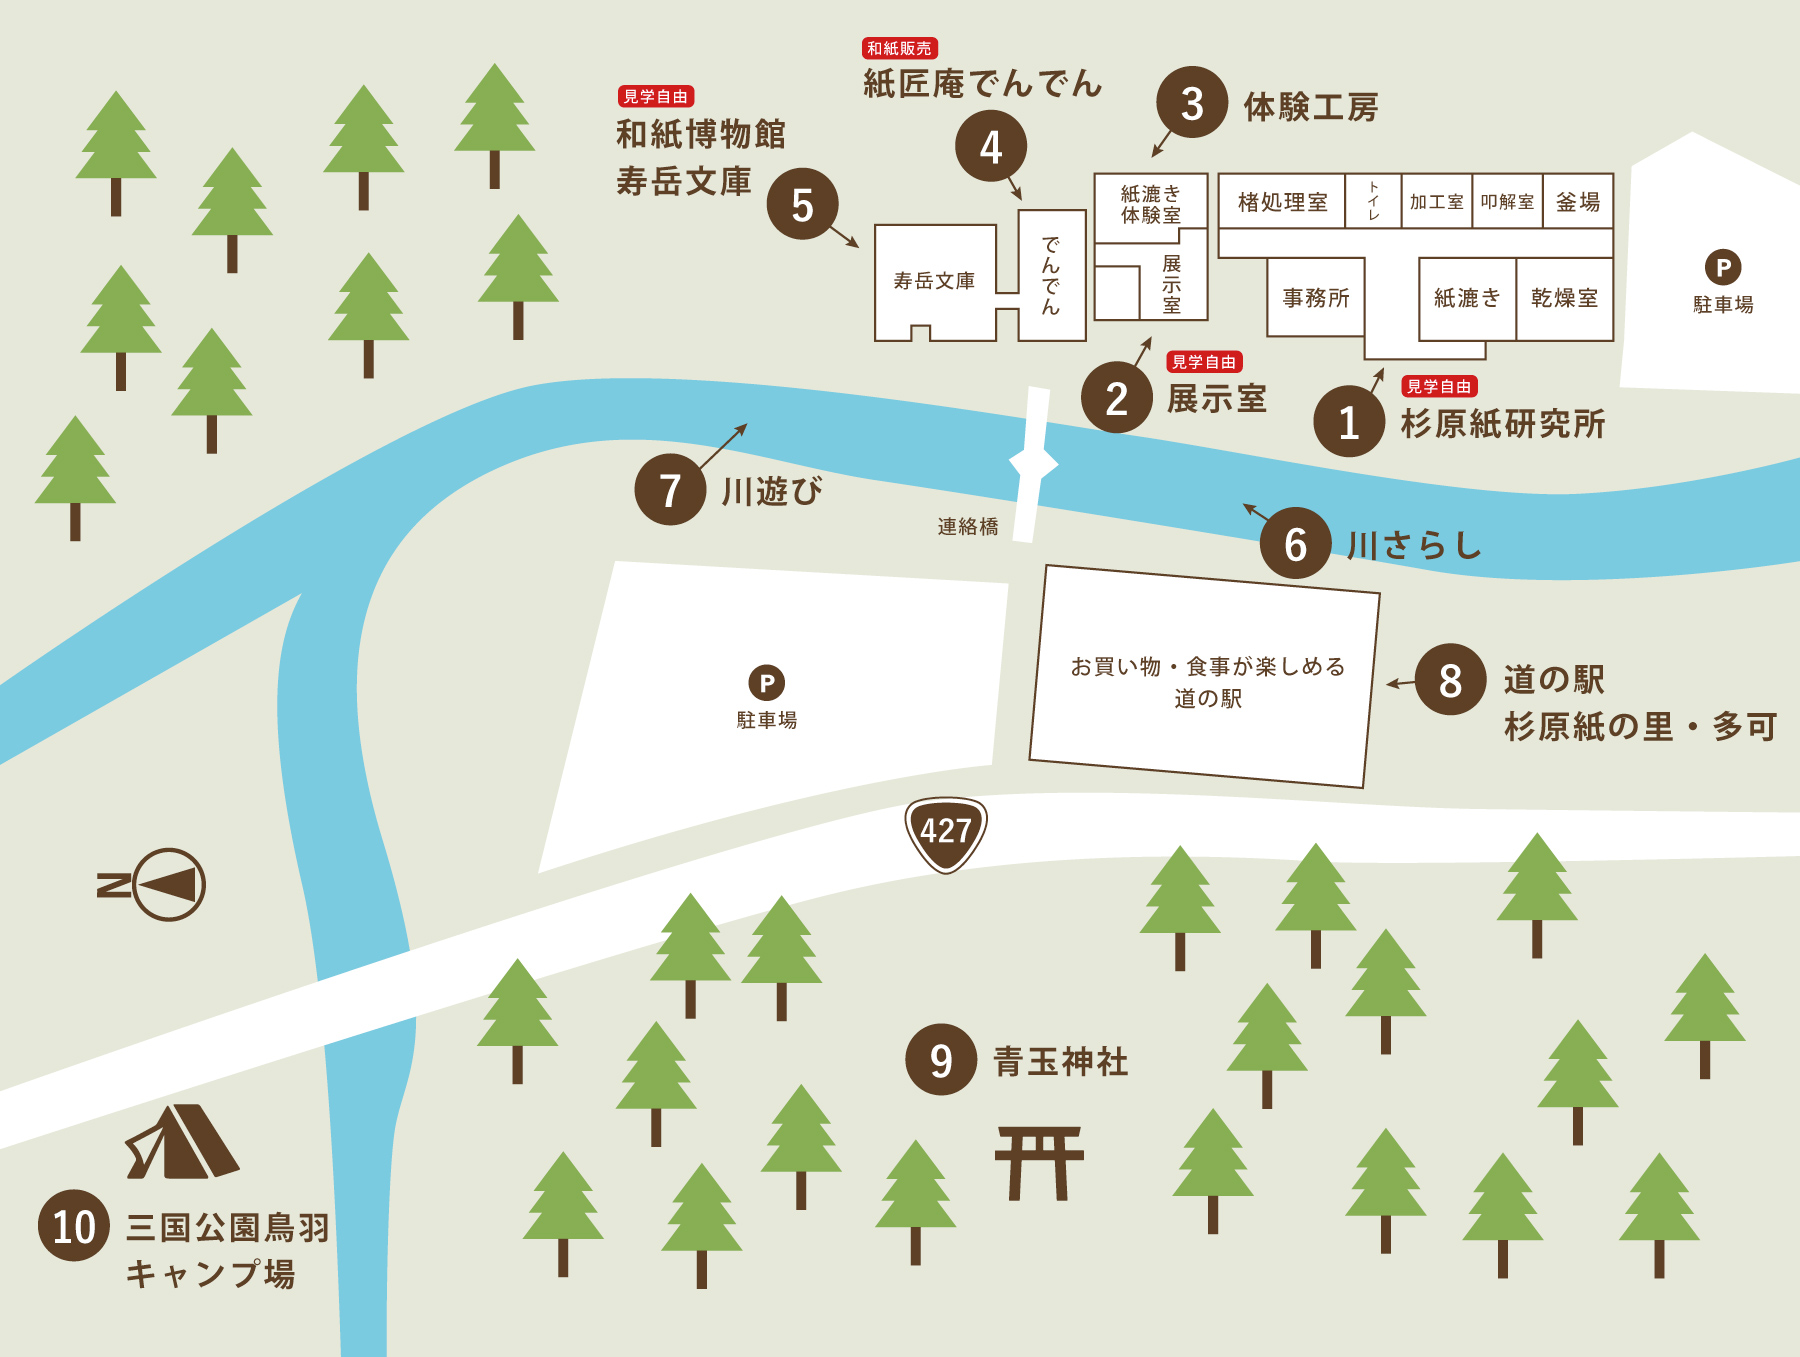 施設のエリアマップ